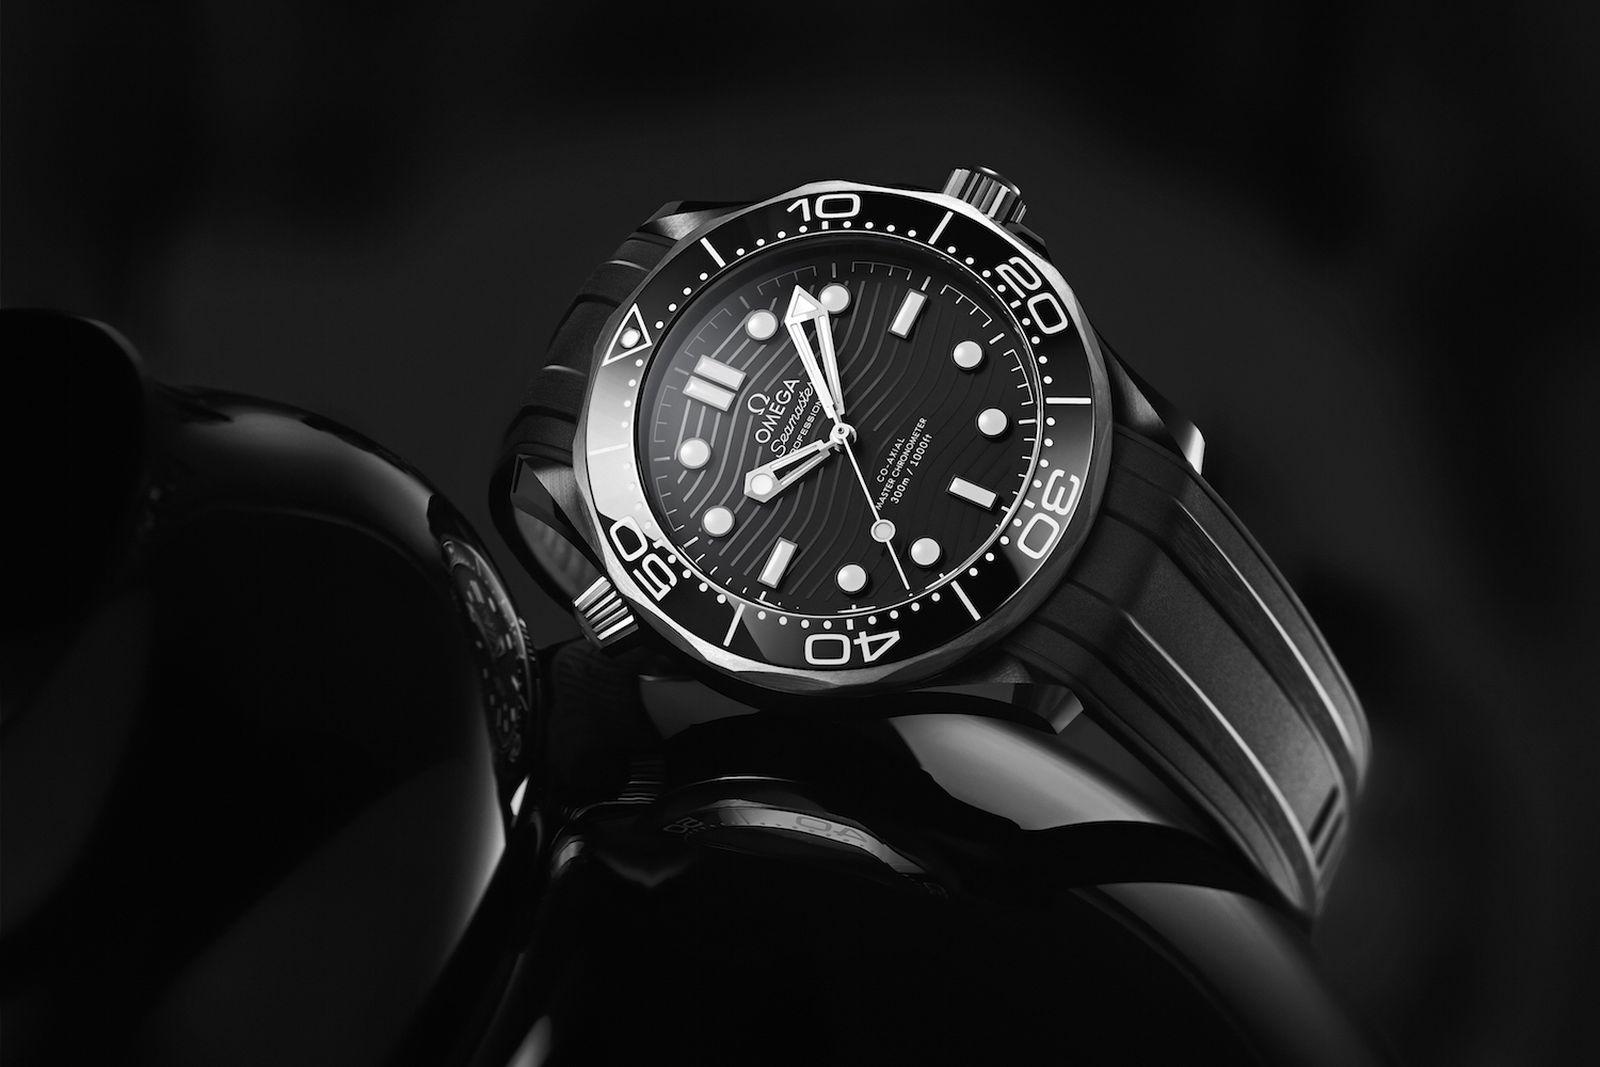 omega seamaster diver 300m black ceramic titanium